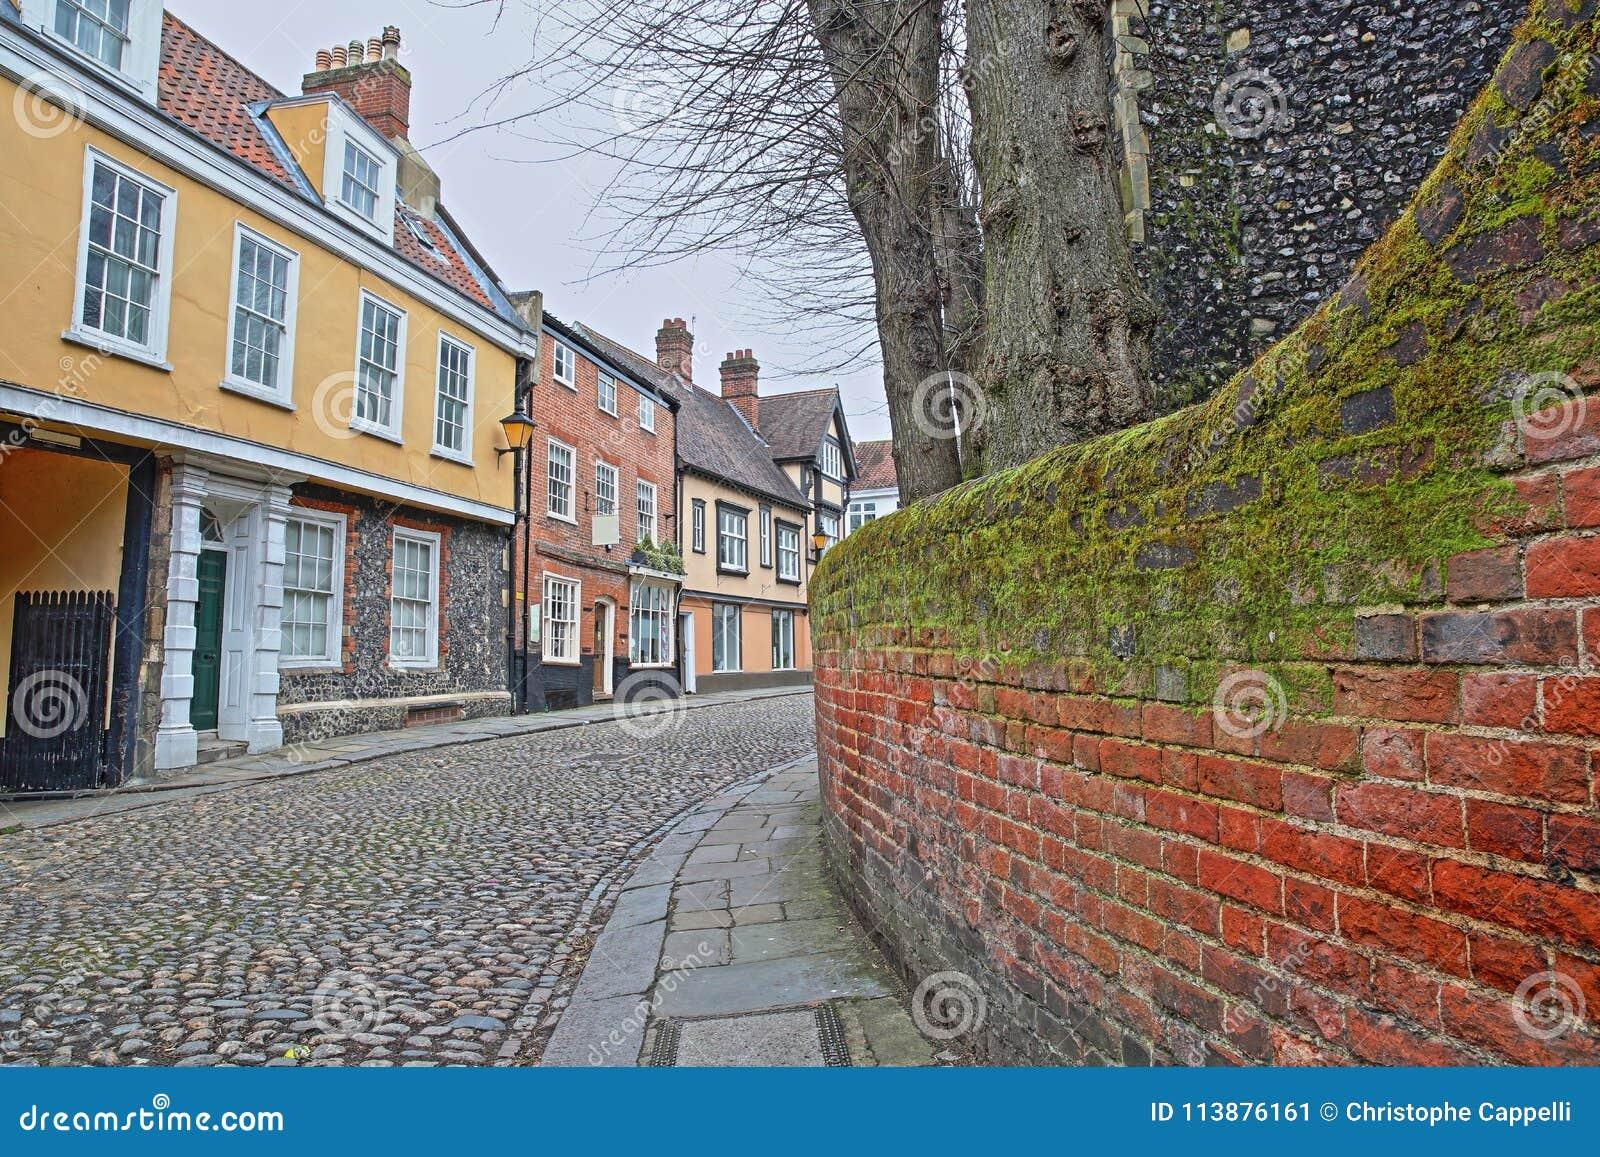 La colline d orme a pavé la rue en cailloutis avec les maisons médiévales de la période de Tudor